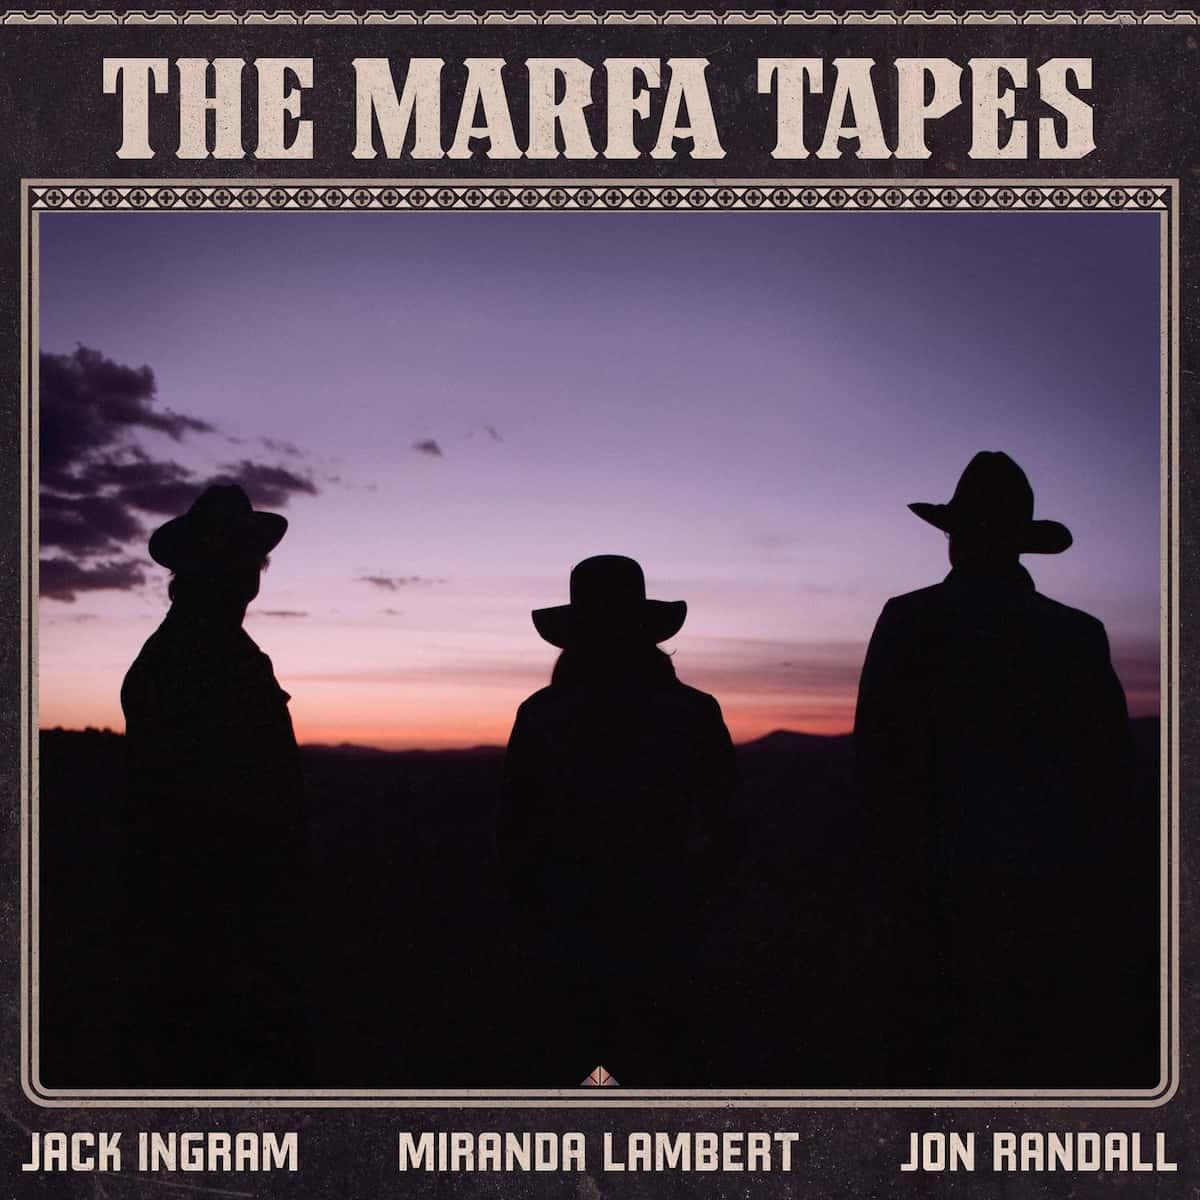 Country: The Marfa Tapes veröffentlicht - Neues Country-Album von Jack Ingram, Miranda Lambert & Jon Randall